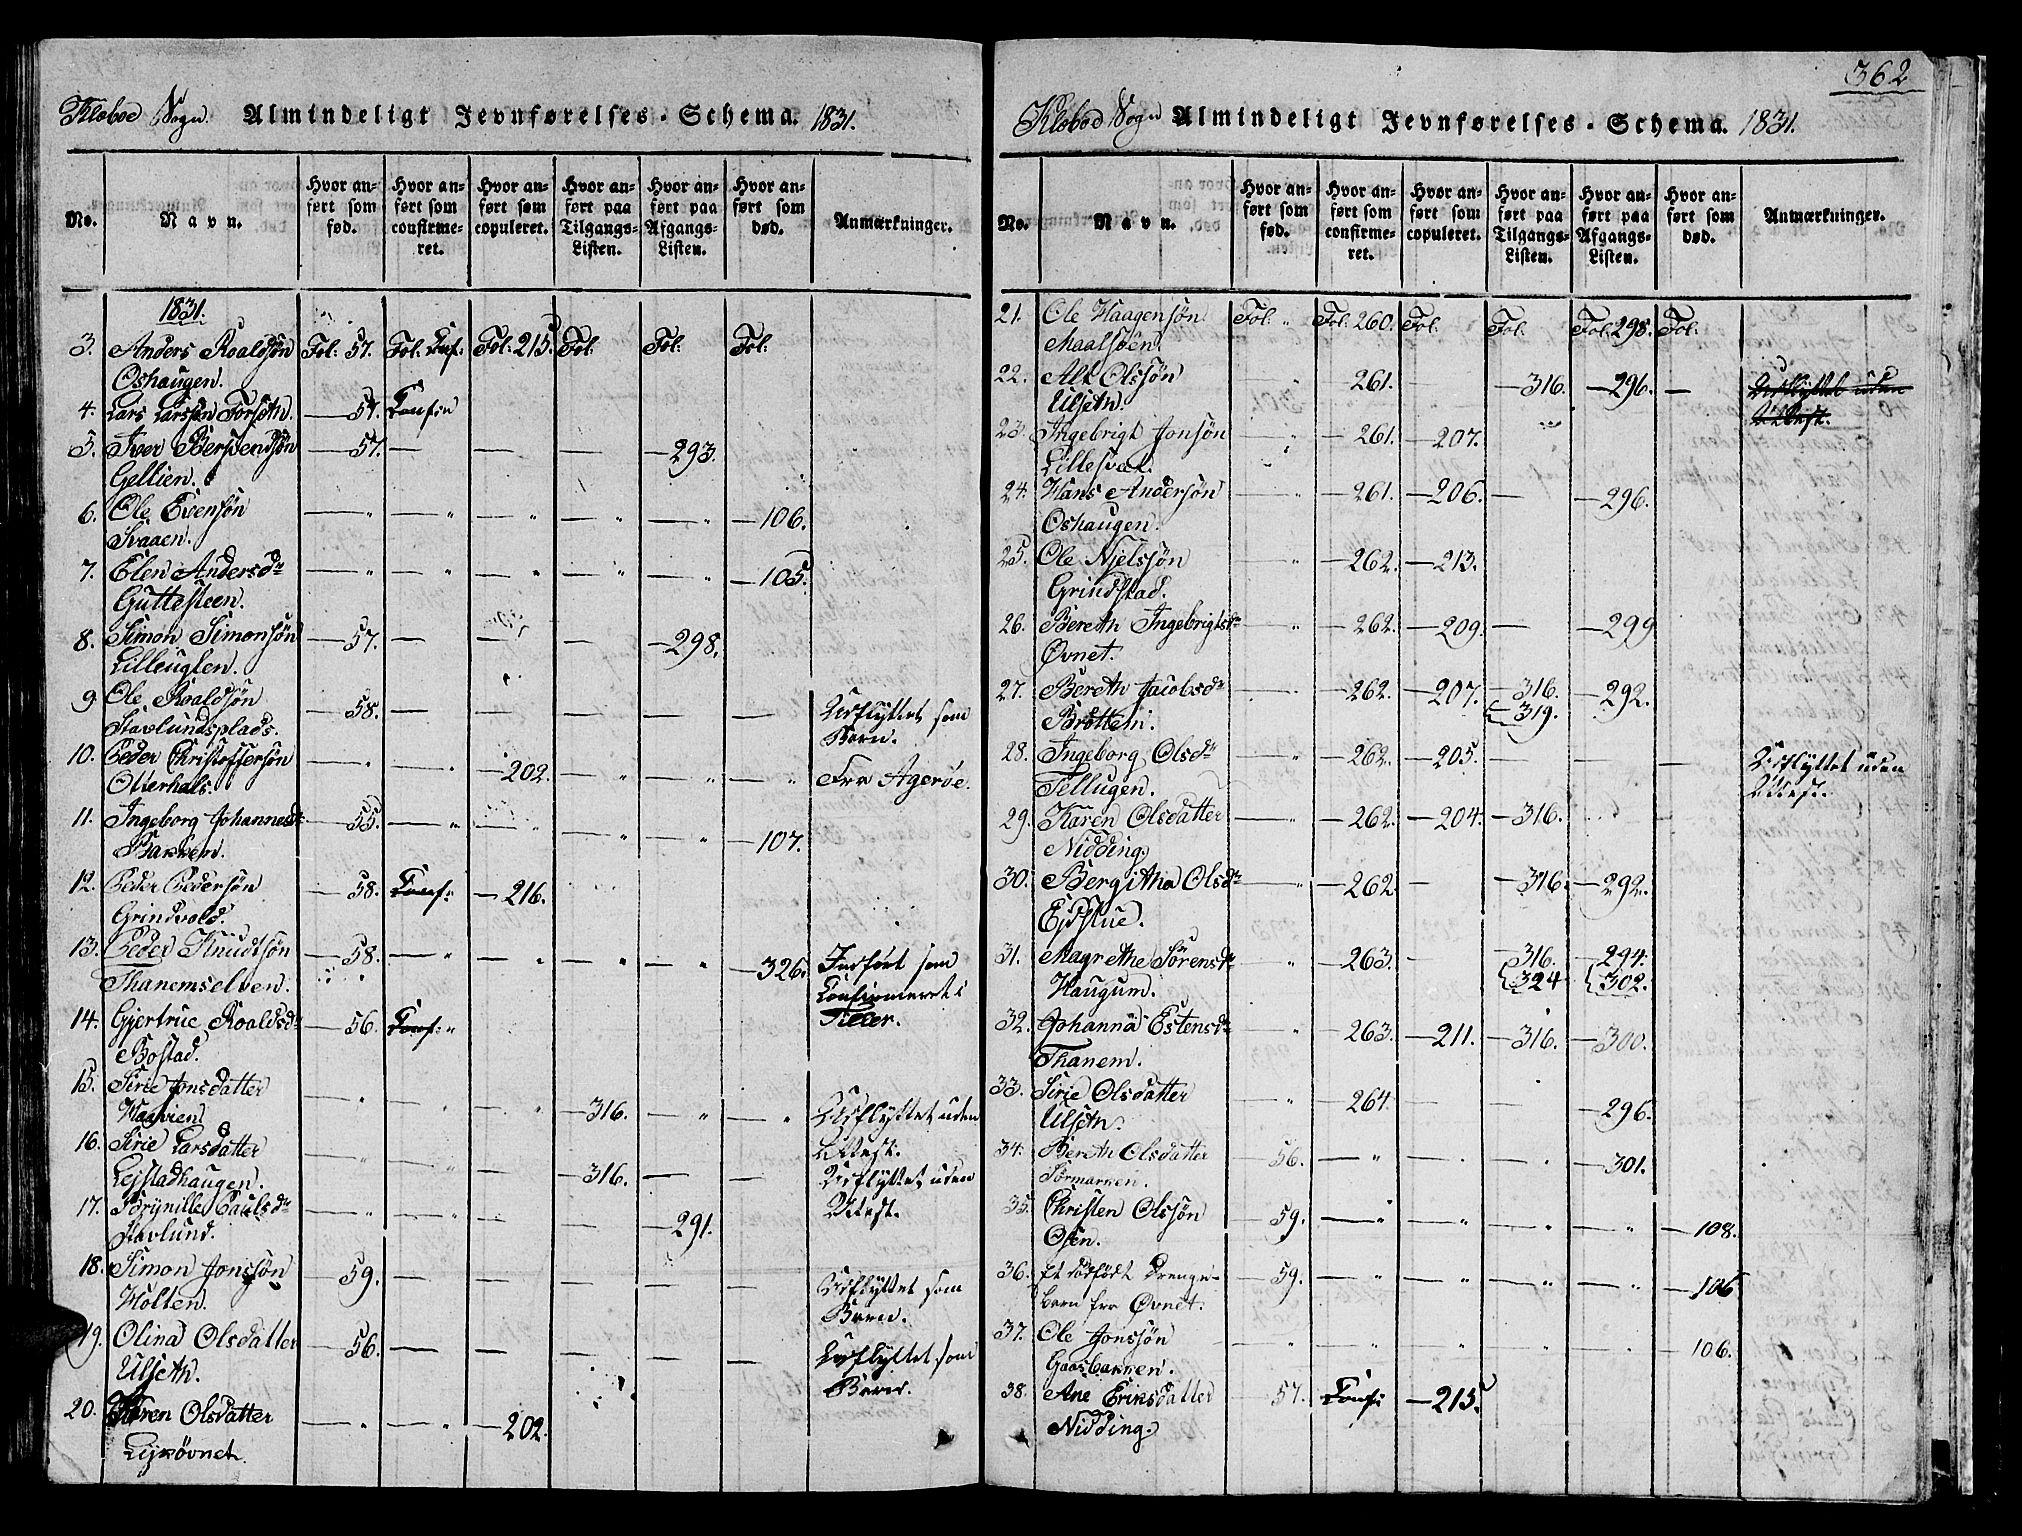 SAT, Ministerialprotokoller, klokkerbøker og fødselsregistre - Sør-Trøndelag, 618/L0450: Klokkerbok nr. 618C01, 1816-1865, s. 362